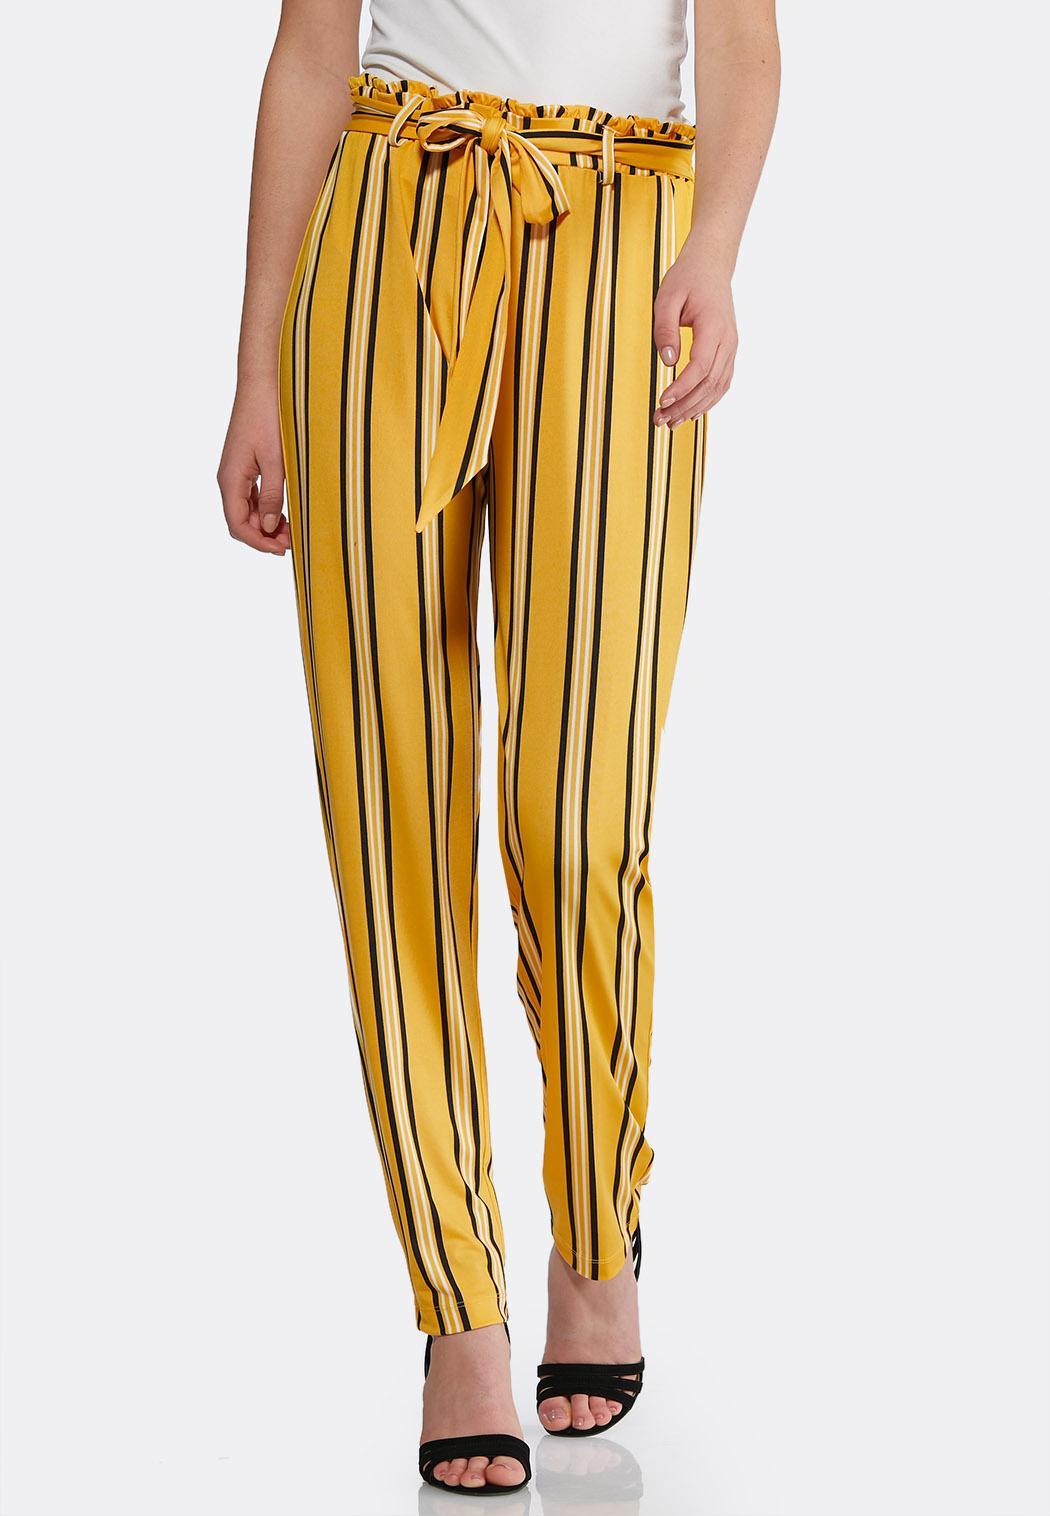 Gold Stripe Pants